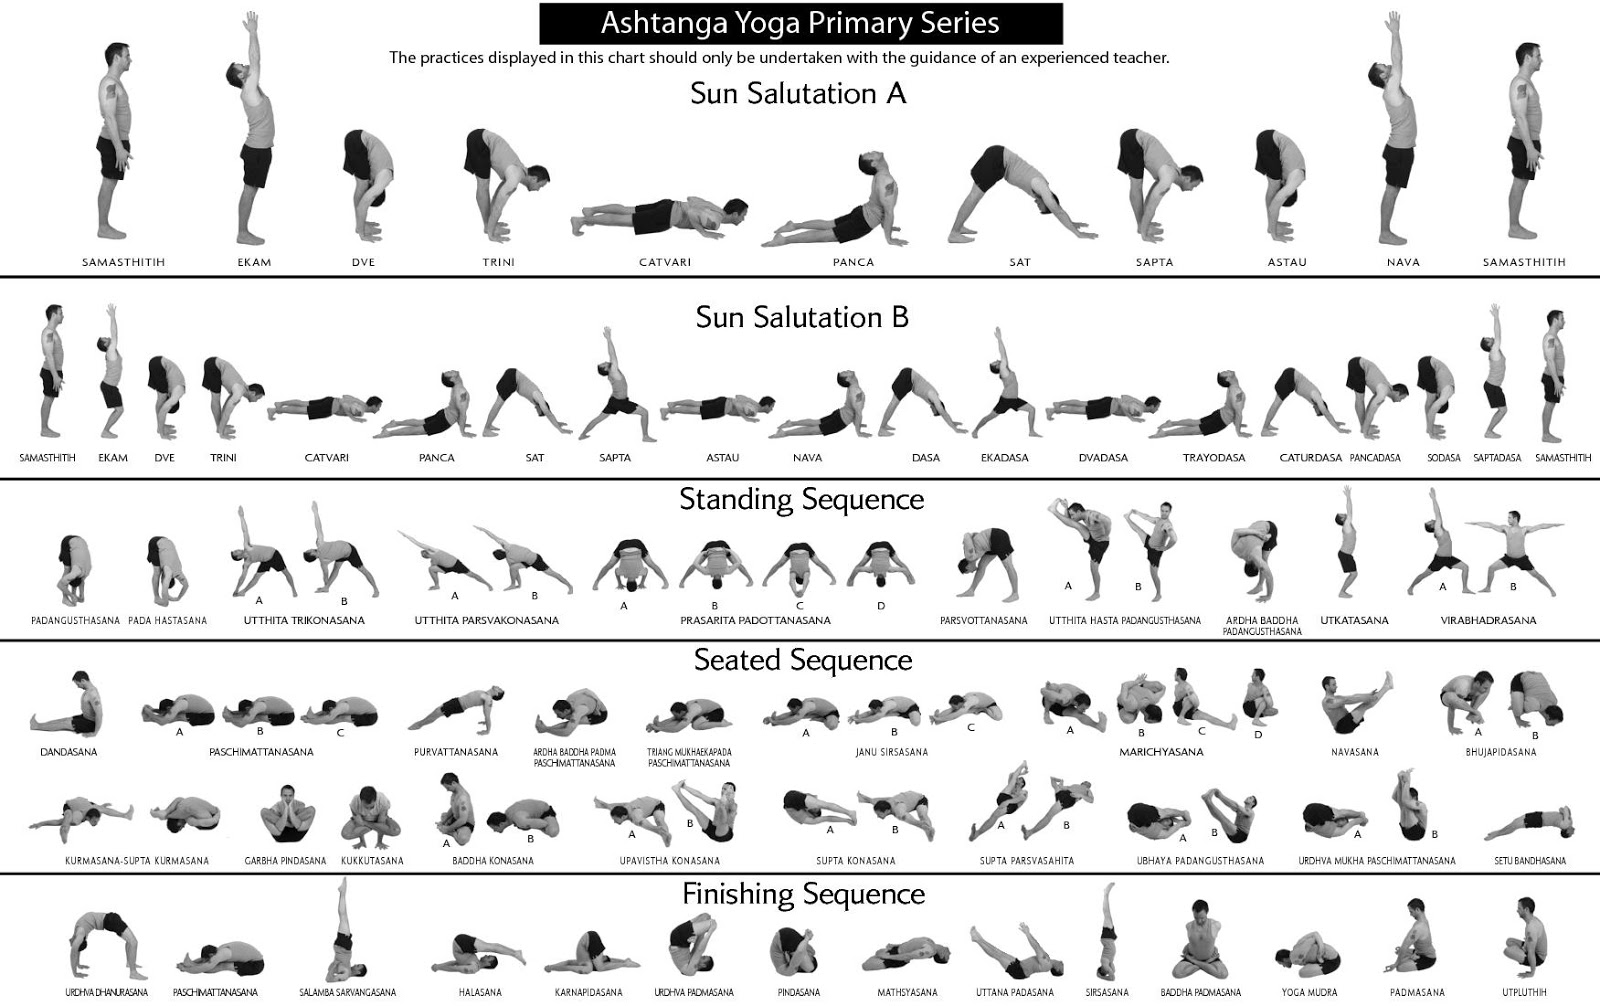 Yoga Chikitsa: the first series of Ashtanga - Idyllic